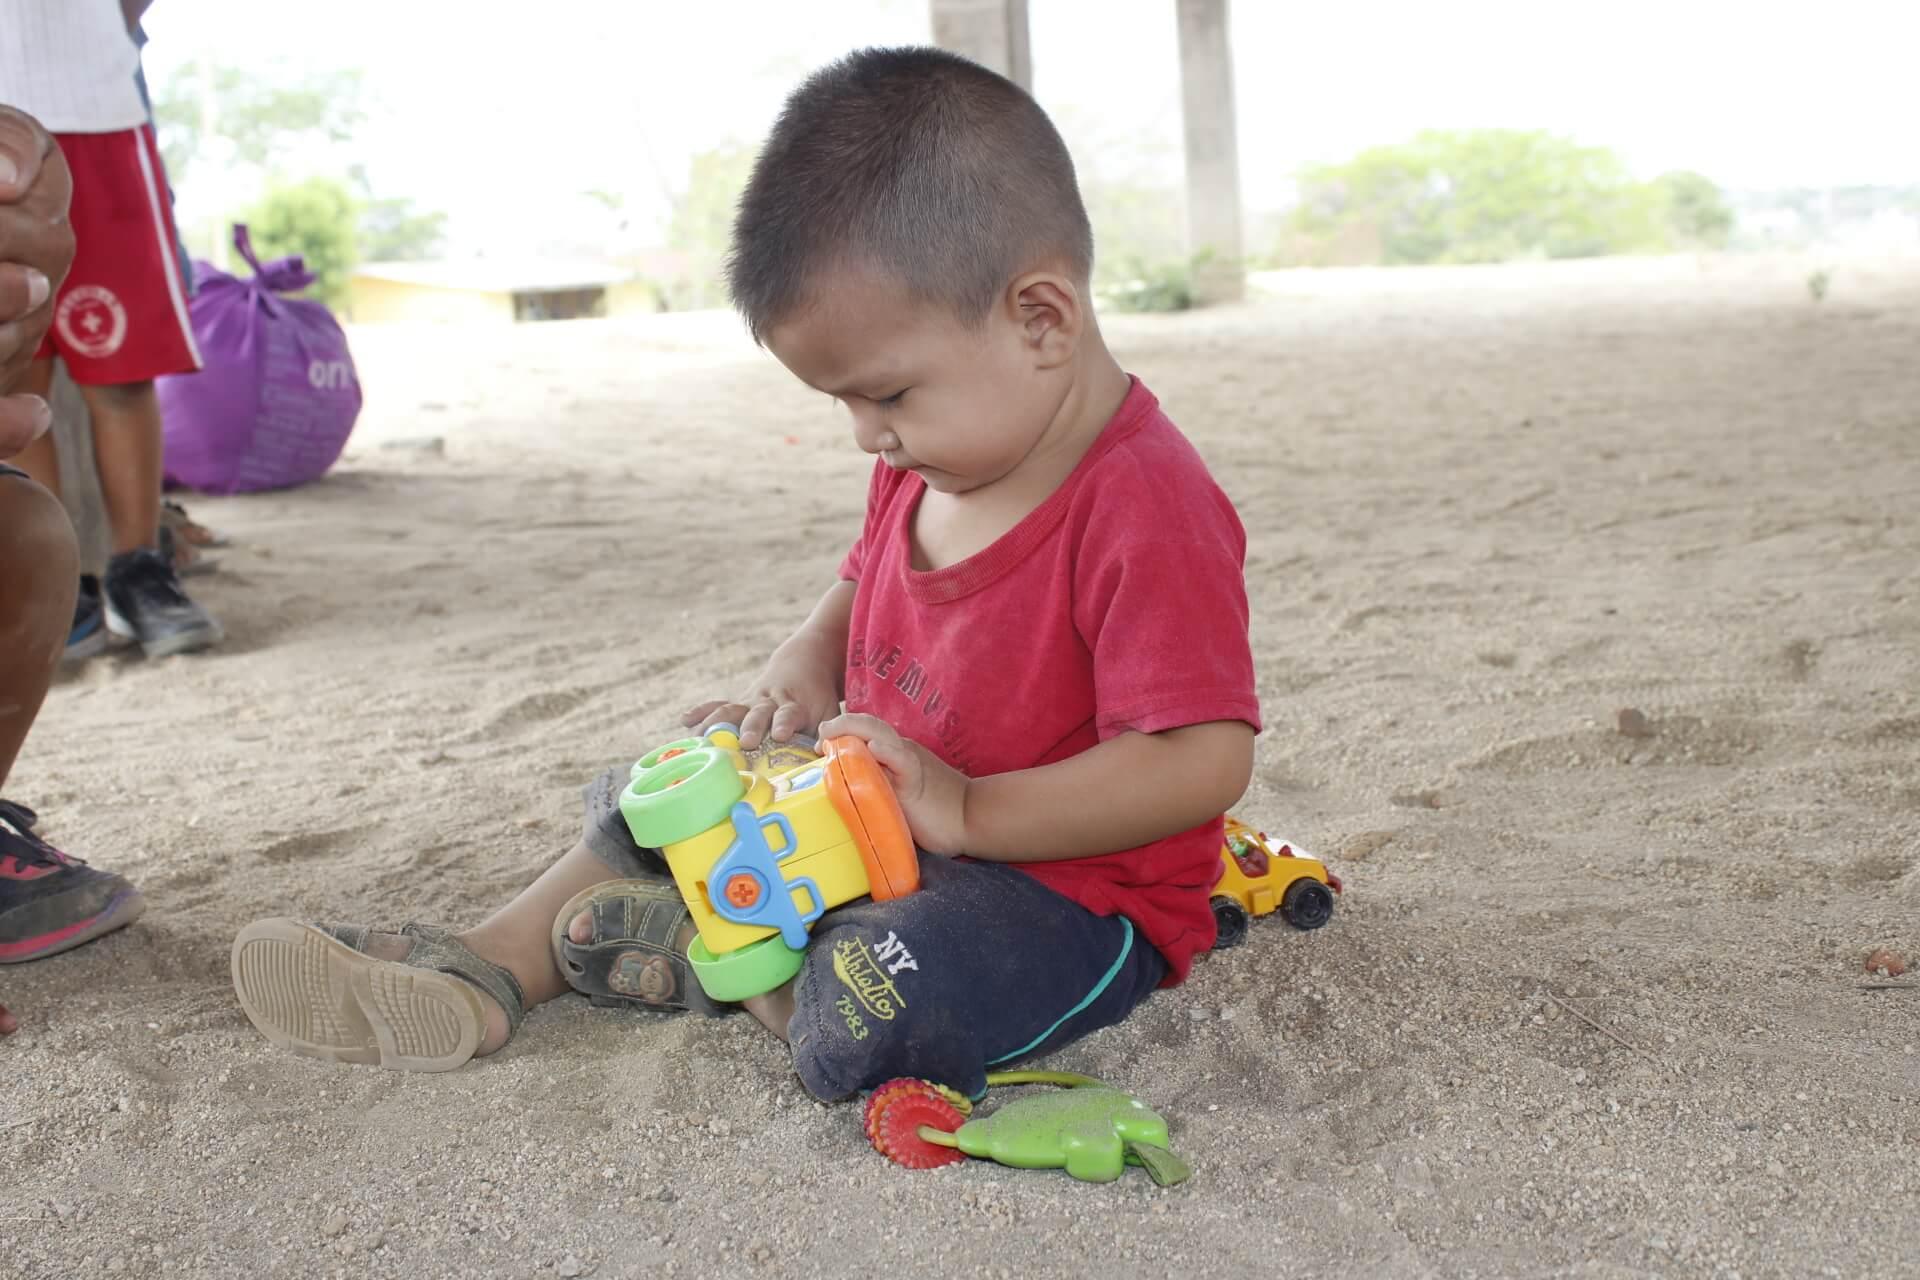 Importancia Del Juego En El Desarrollo Infantil Un Kilo De Ayuda